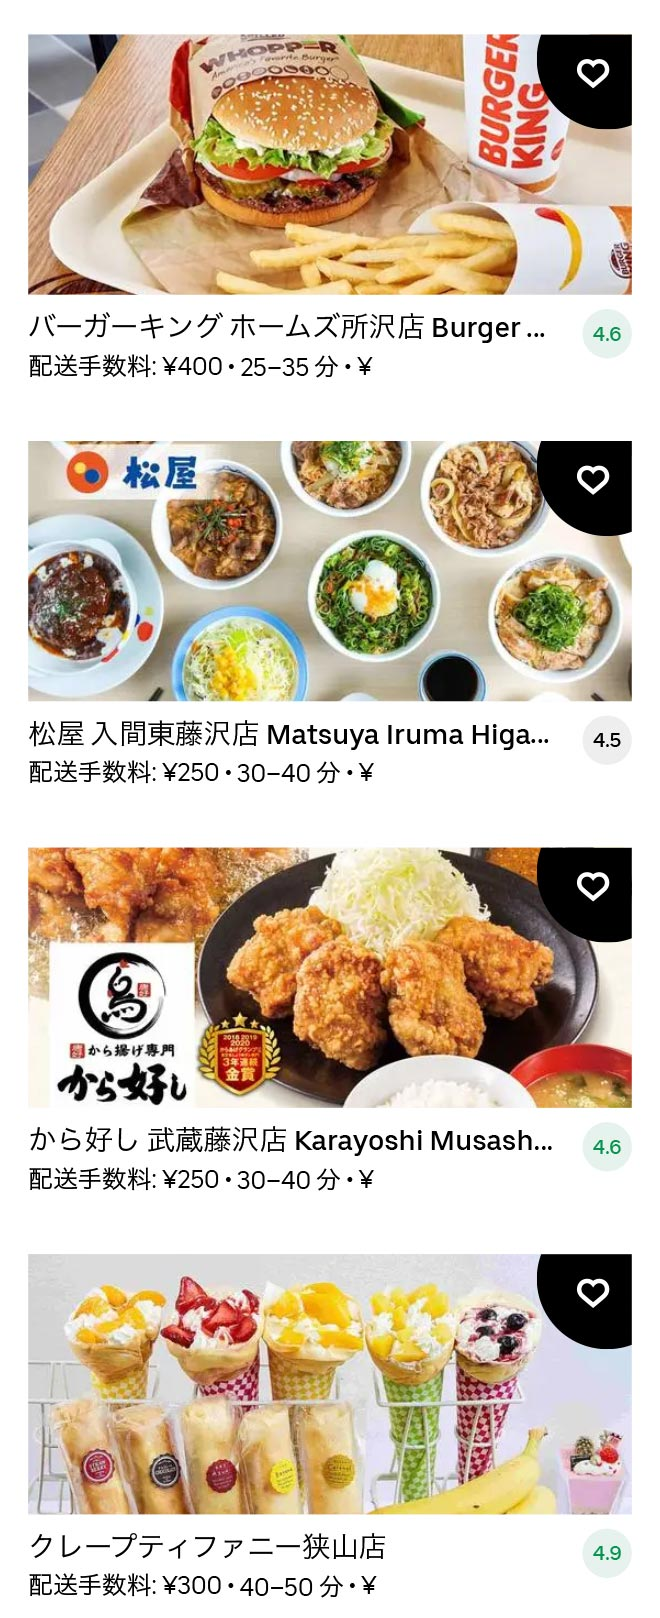 Iriso menu 2102 02